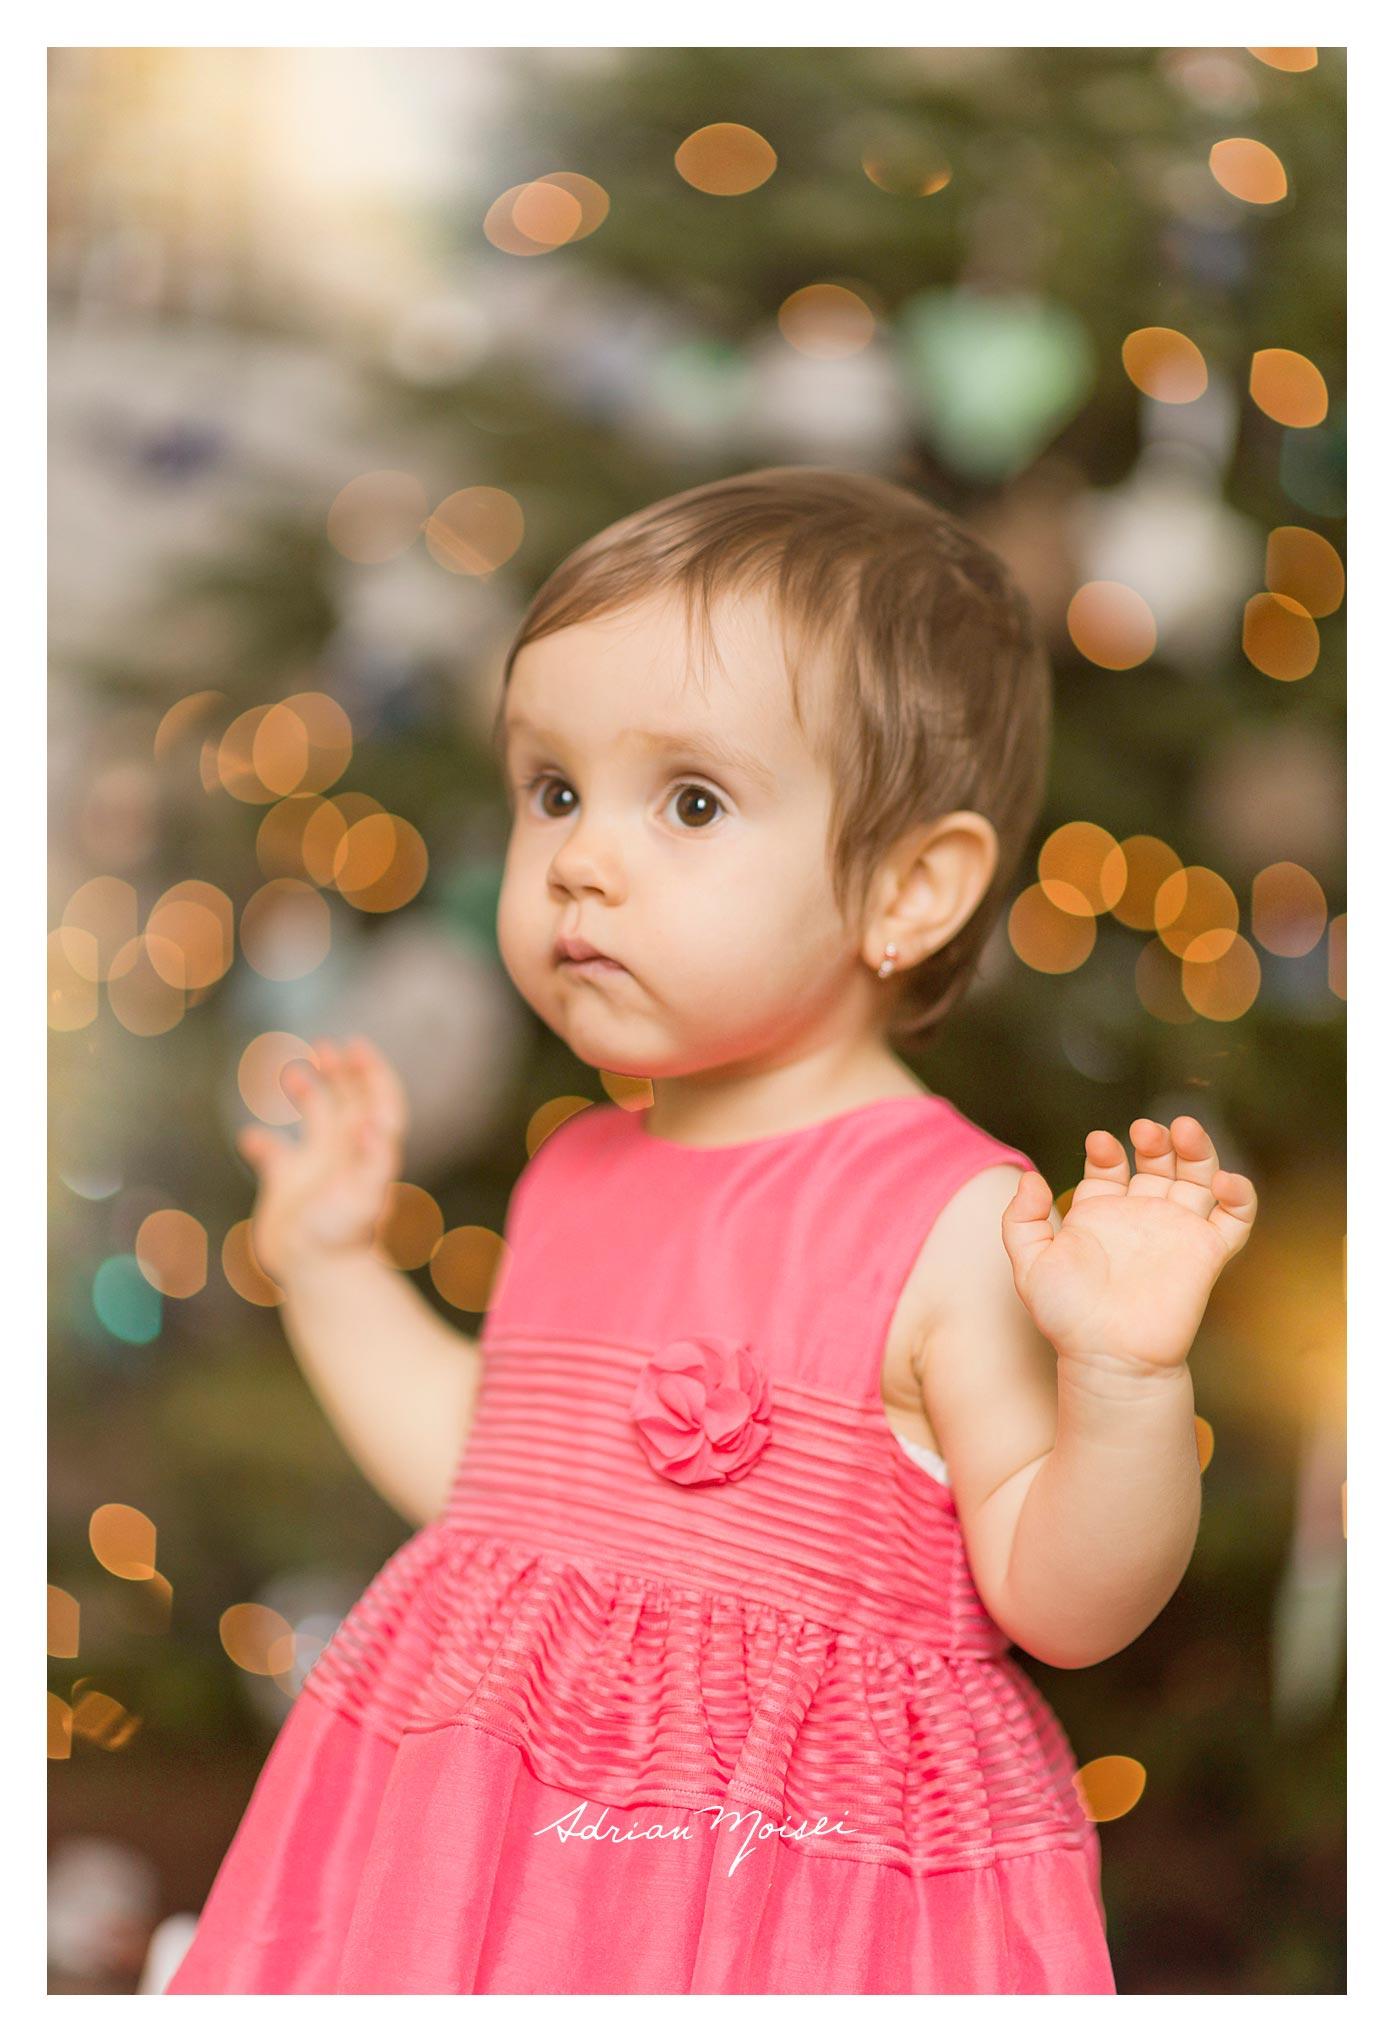 Fotograf de familie Iași - fetiță la doi ani împreună cu părintii ei, fotograf Adrian Moisei